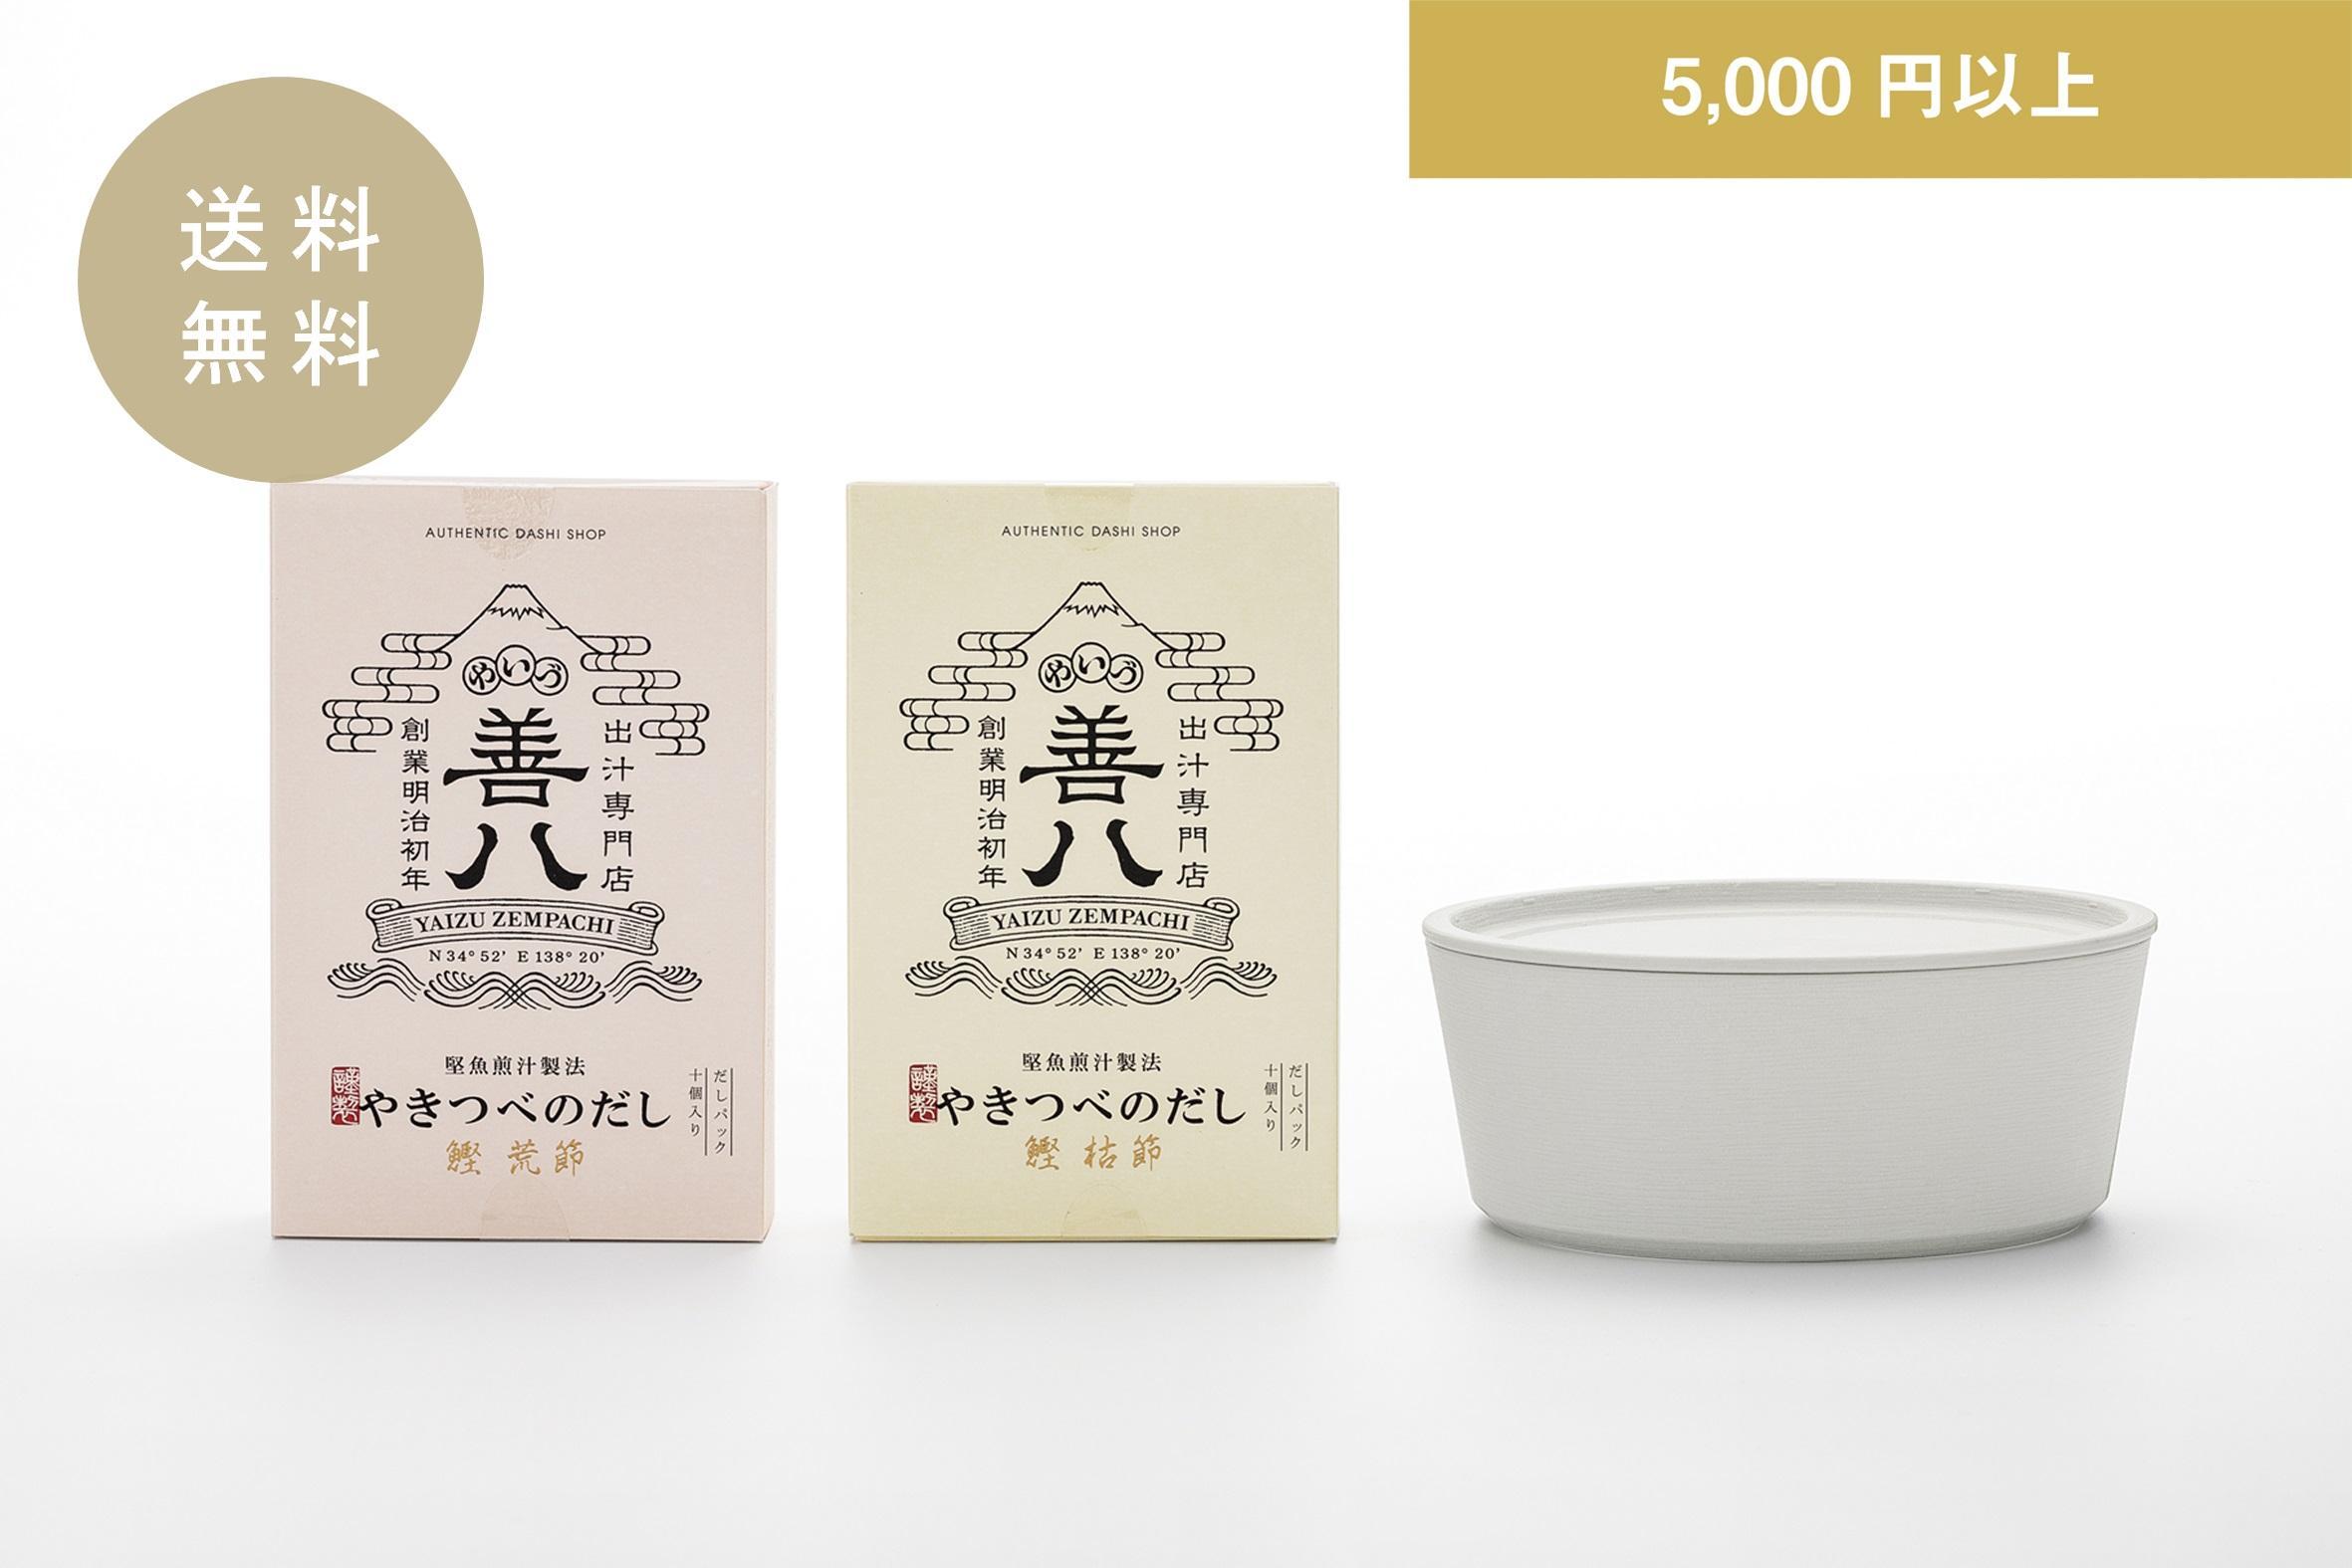 【送料無料】やきつべのだし デザイン食器「9°」セット 白無垢色